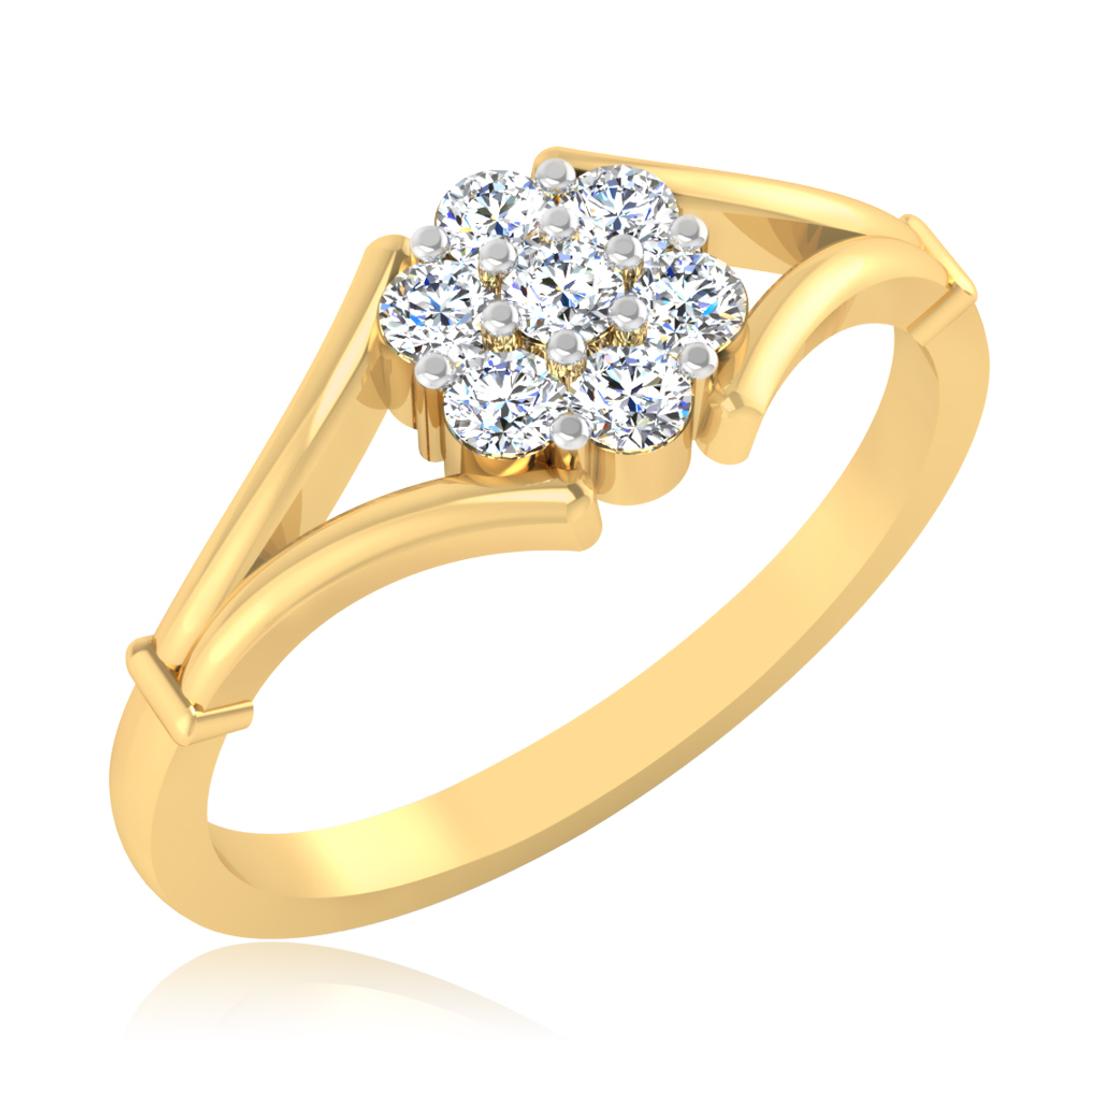 Iski Uski Leos Ring